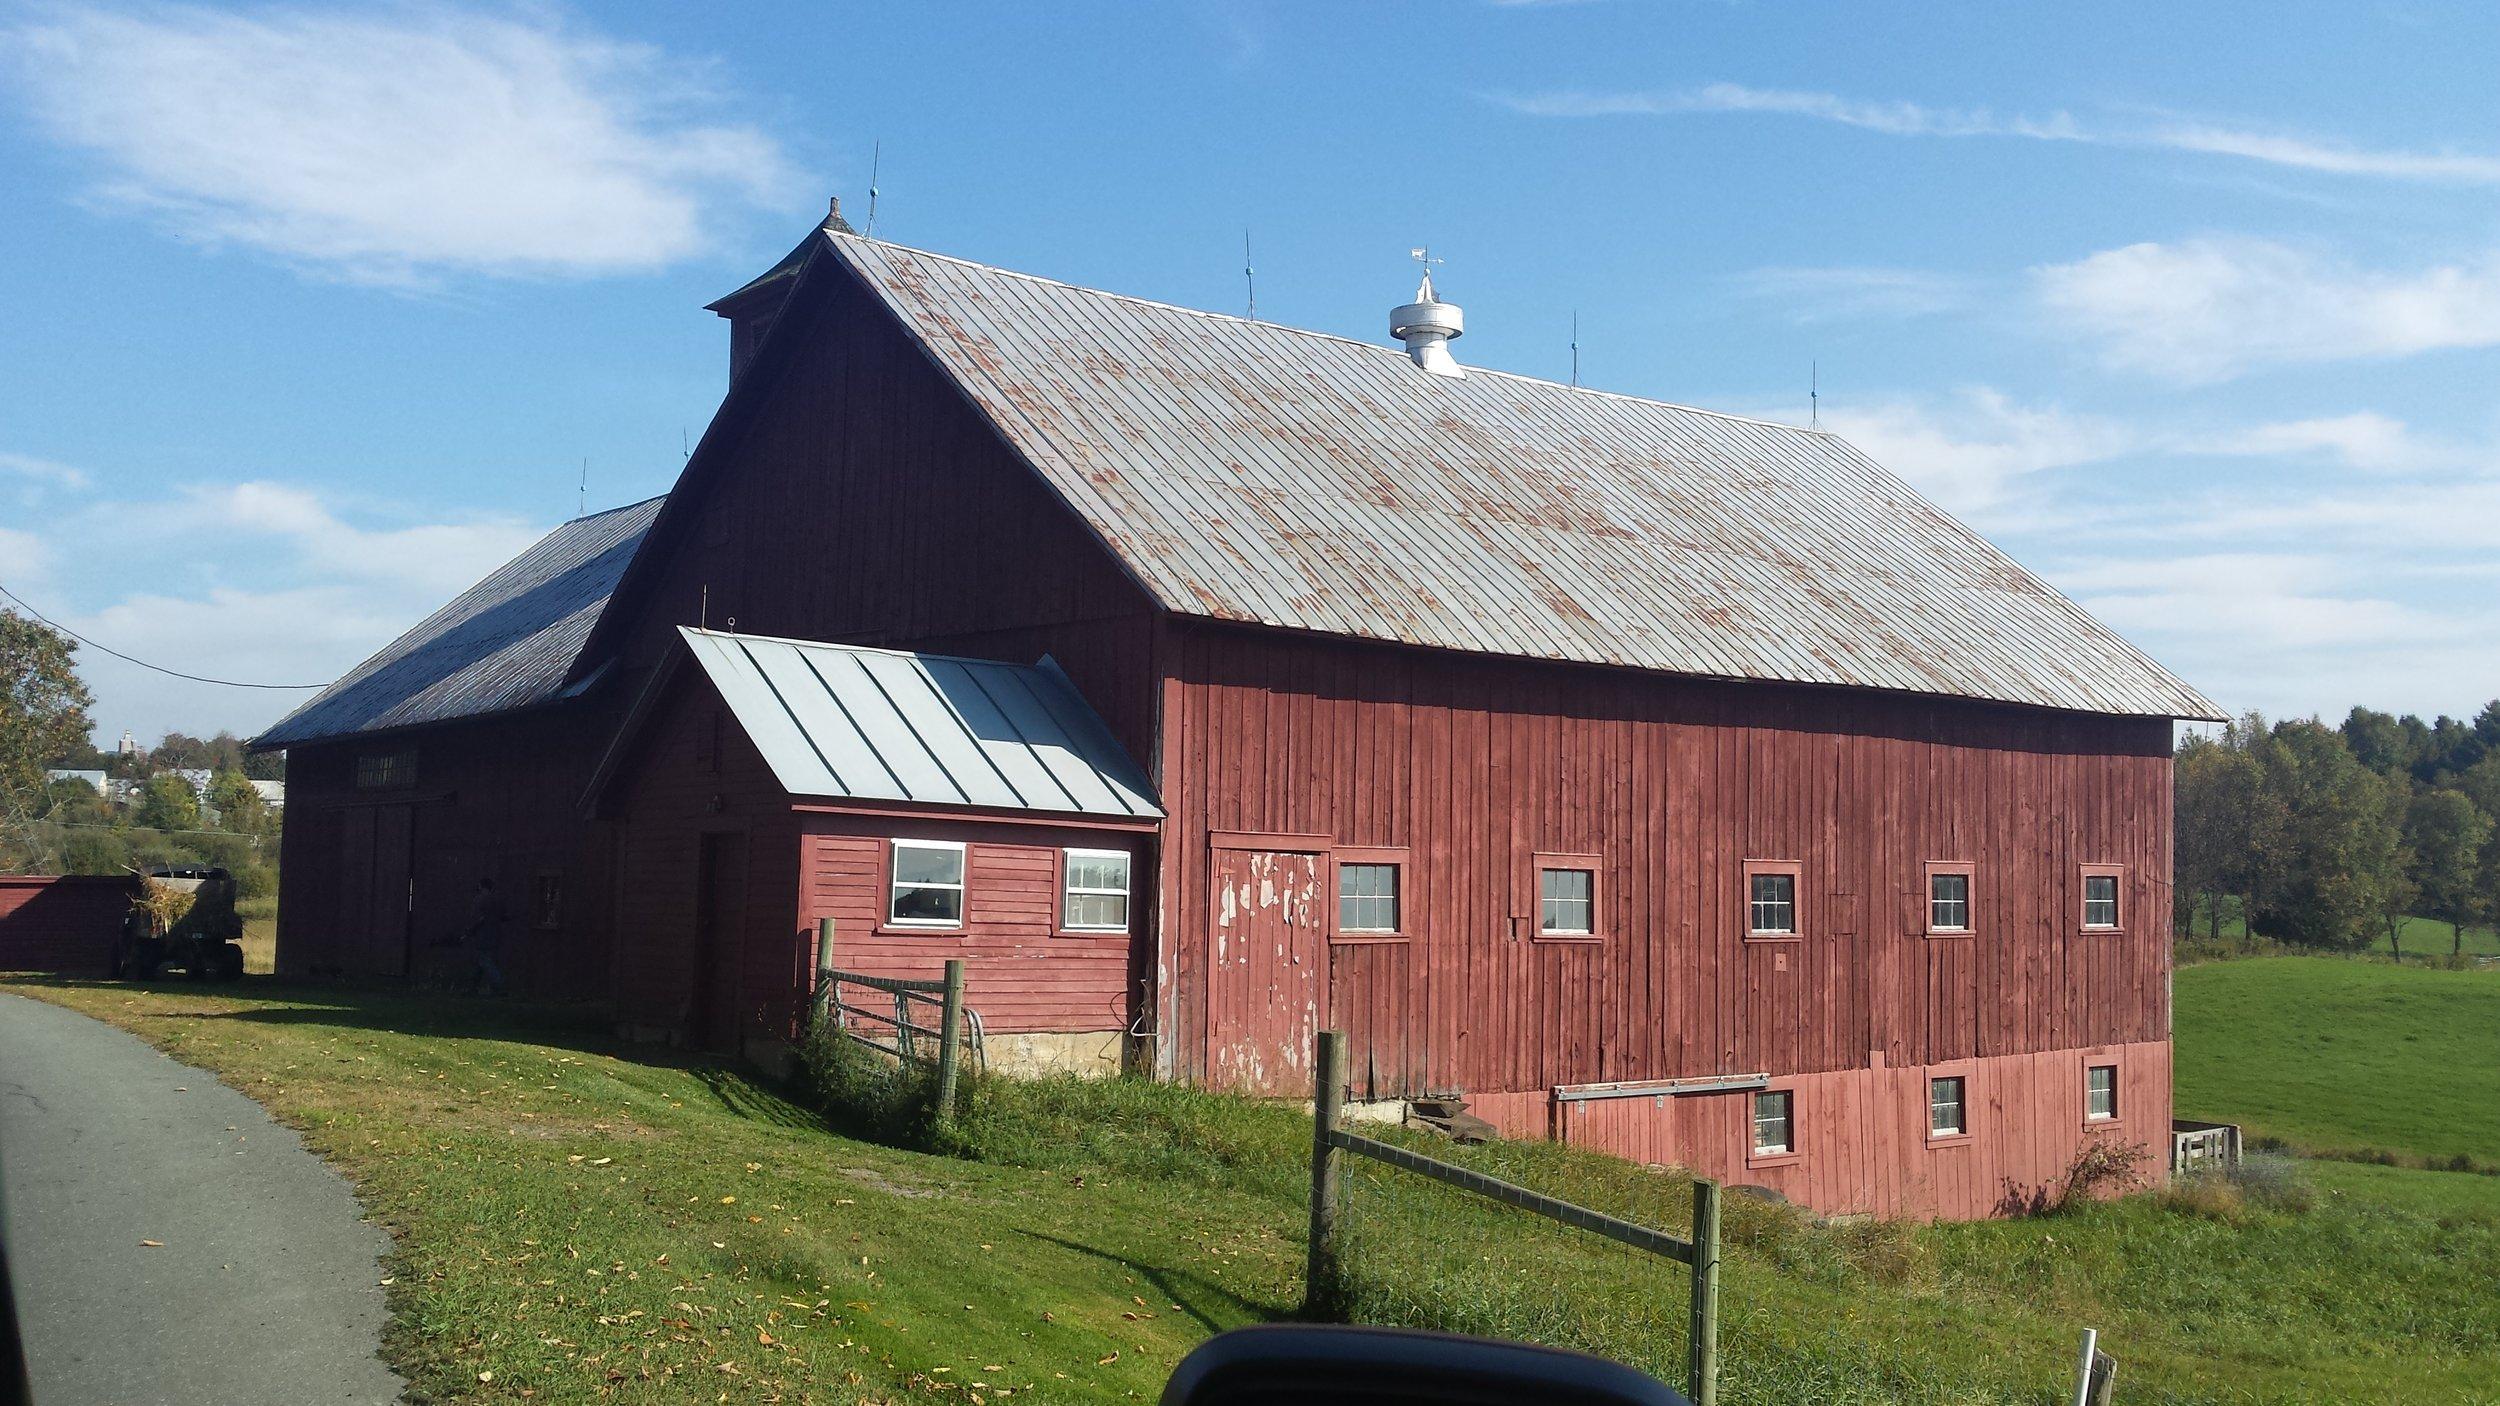 Farm in Danville, VT